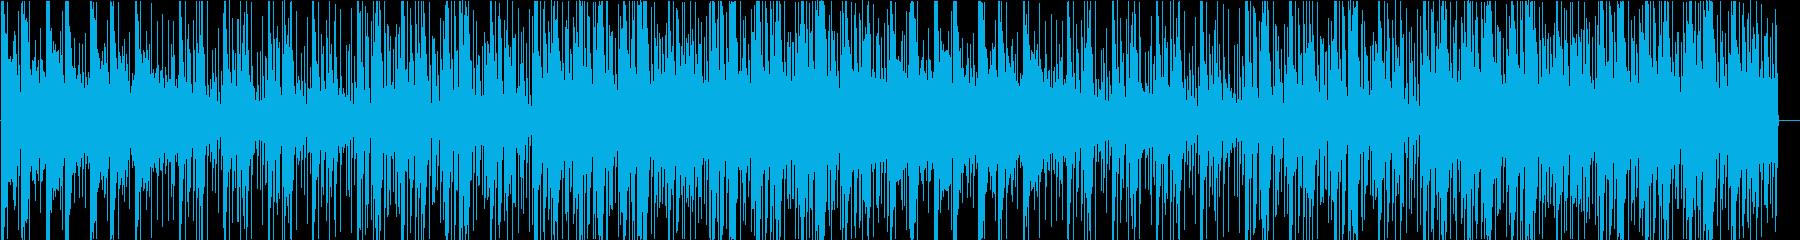 楽しいテンポ感のあるポップスの再生済みの波形